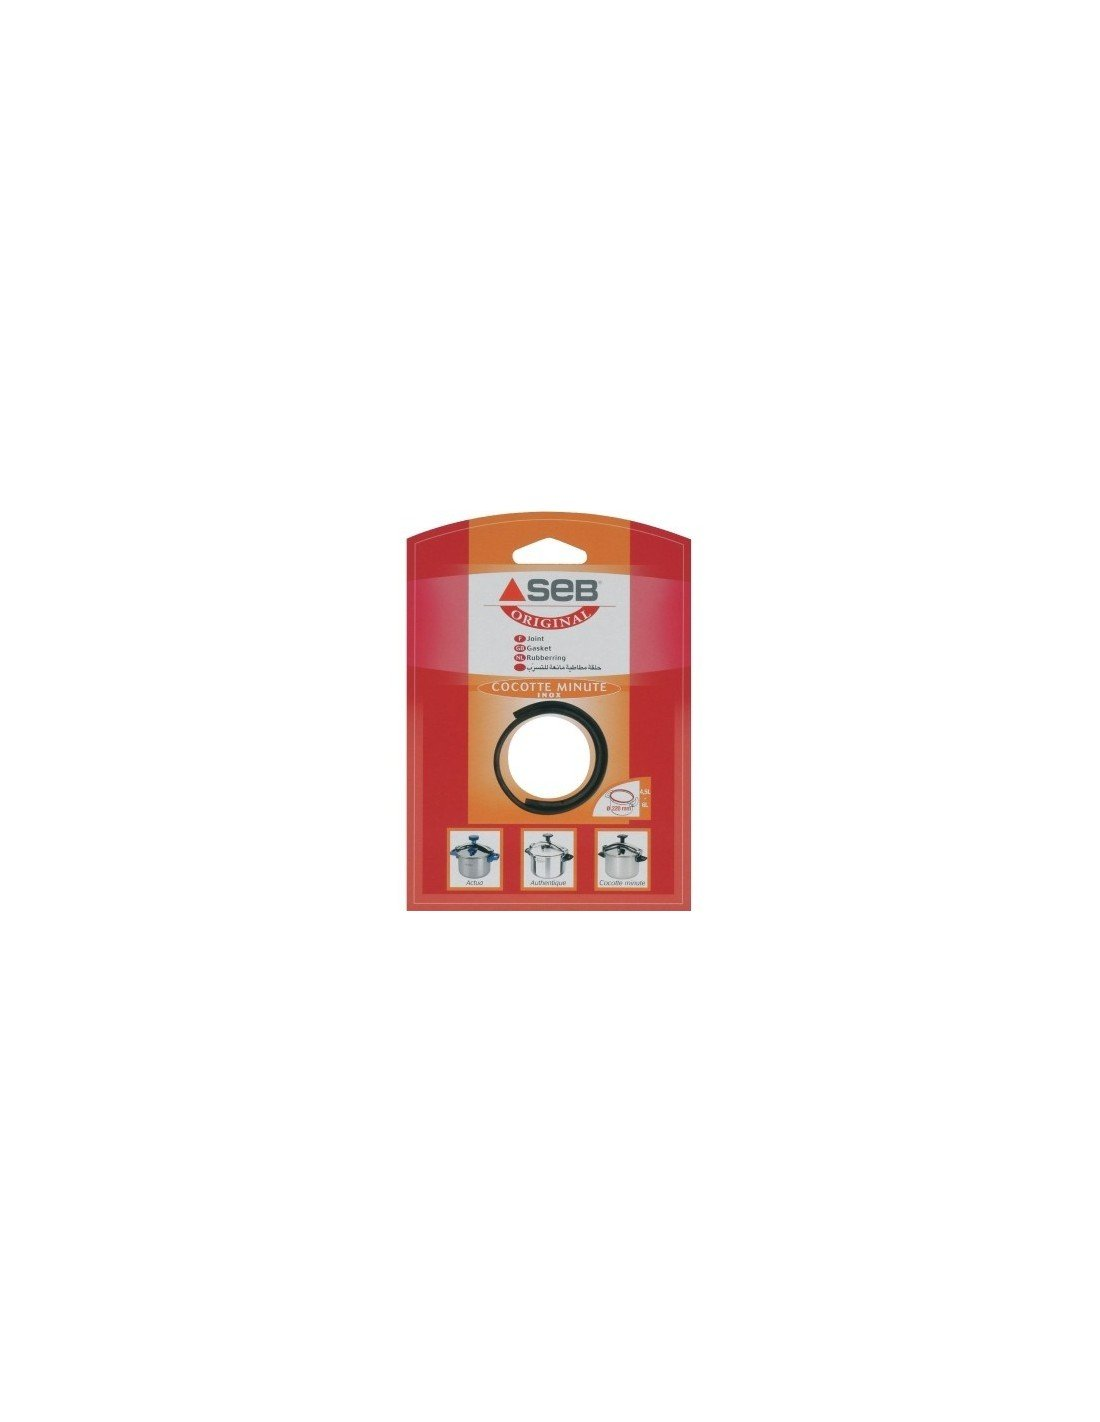 Seb 790141 joint pour cocotte minute 4.5/6 L diam.220 mm product image